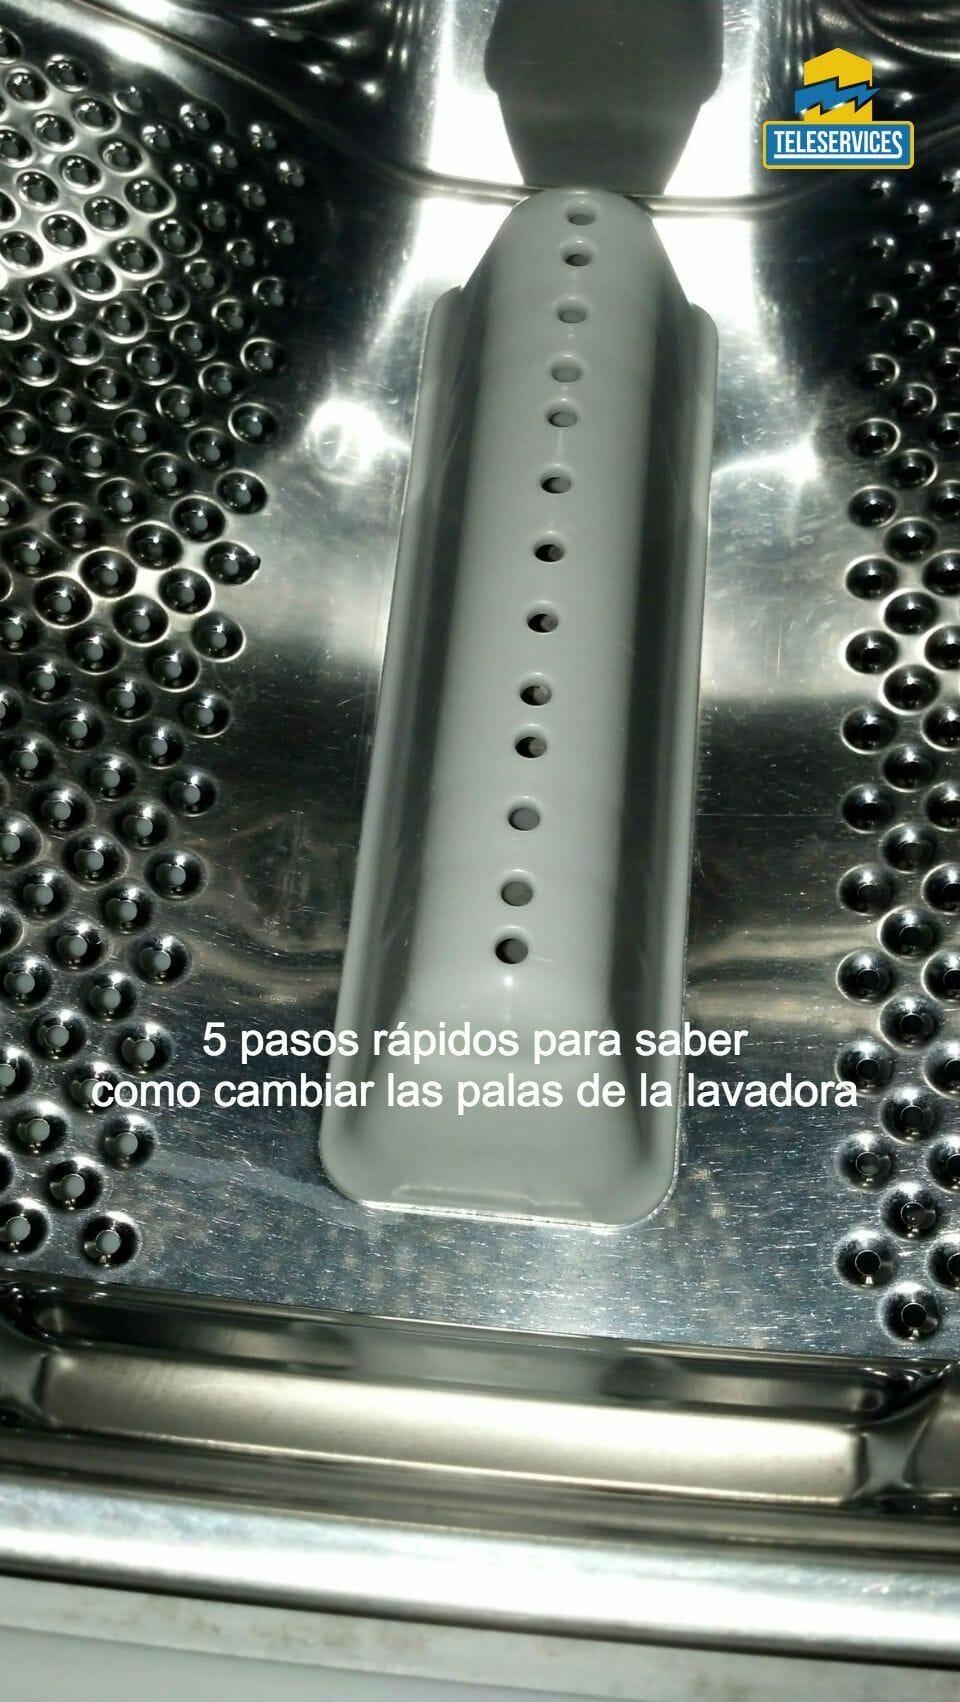 palas del cesto de la lavadora